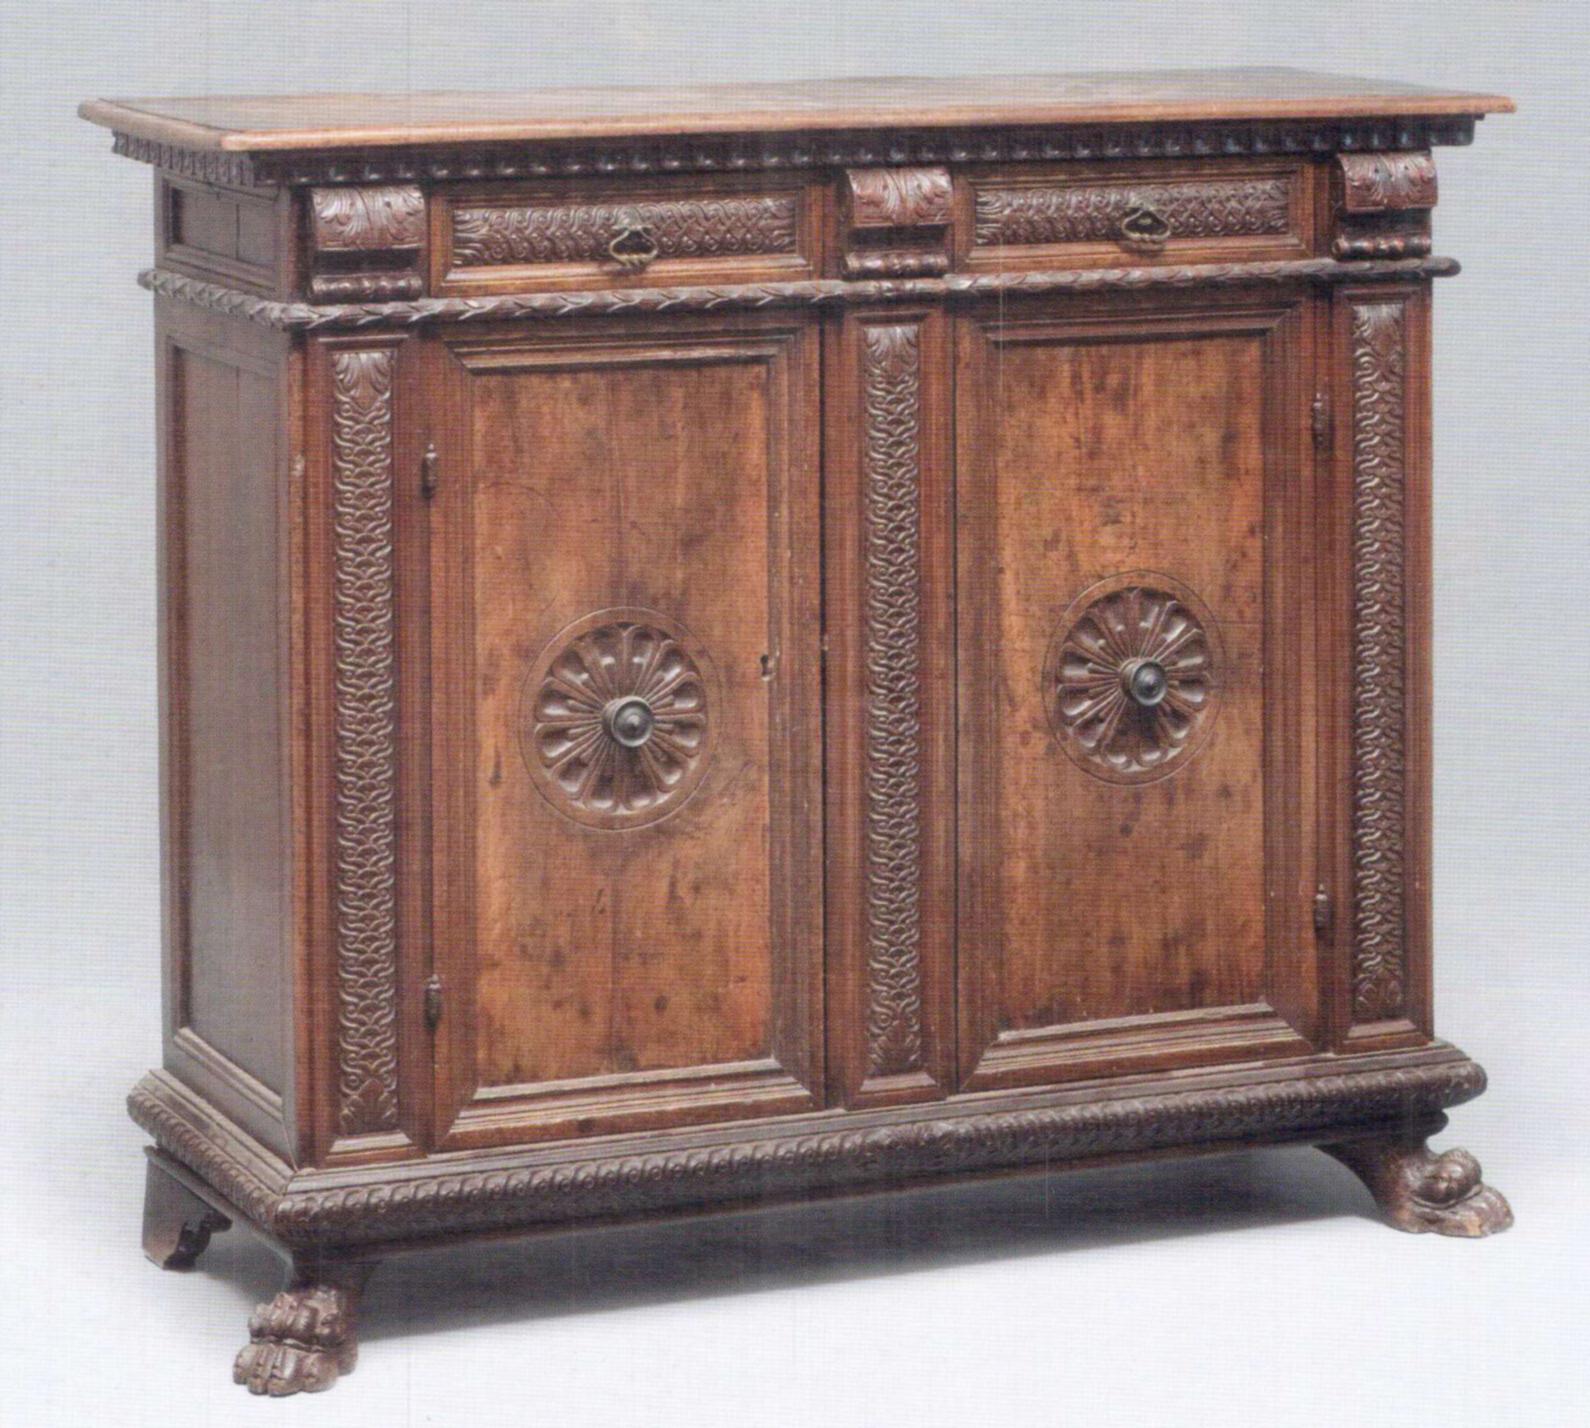 Credenza toscana in noce xviii secolo consulenza per - Stima mobili antichi ...